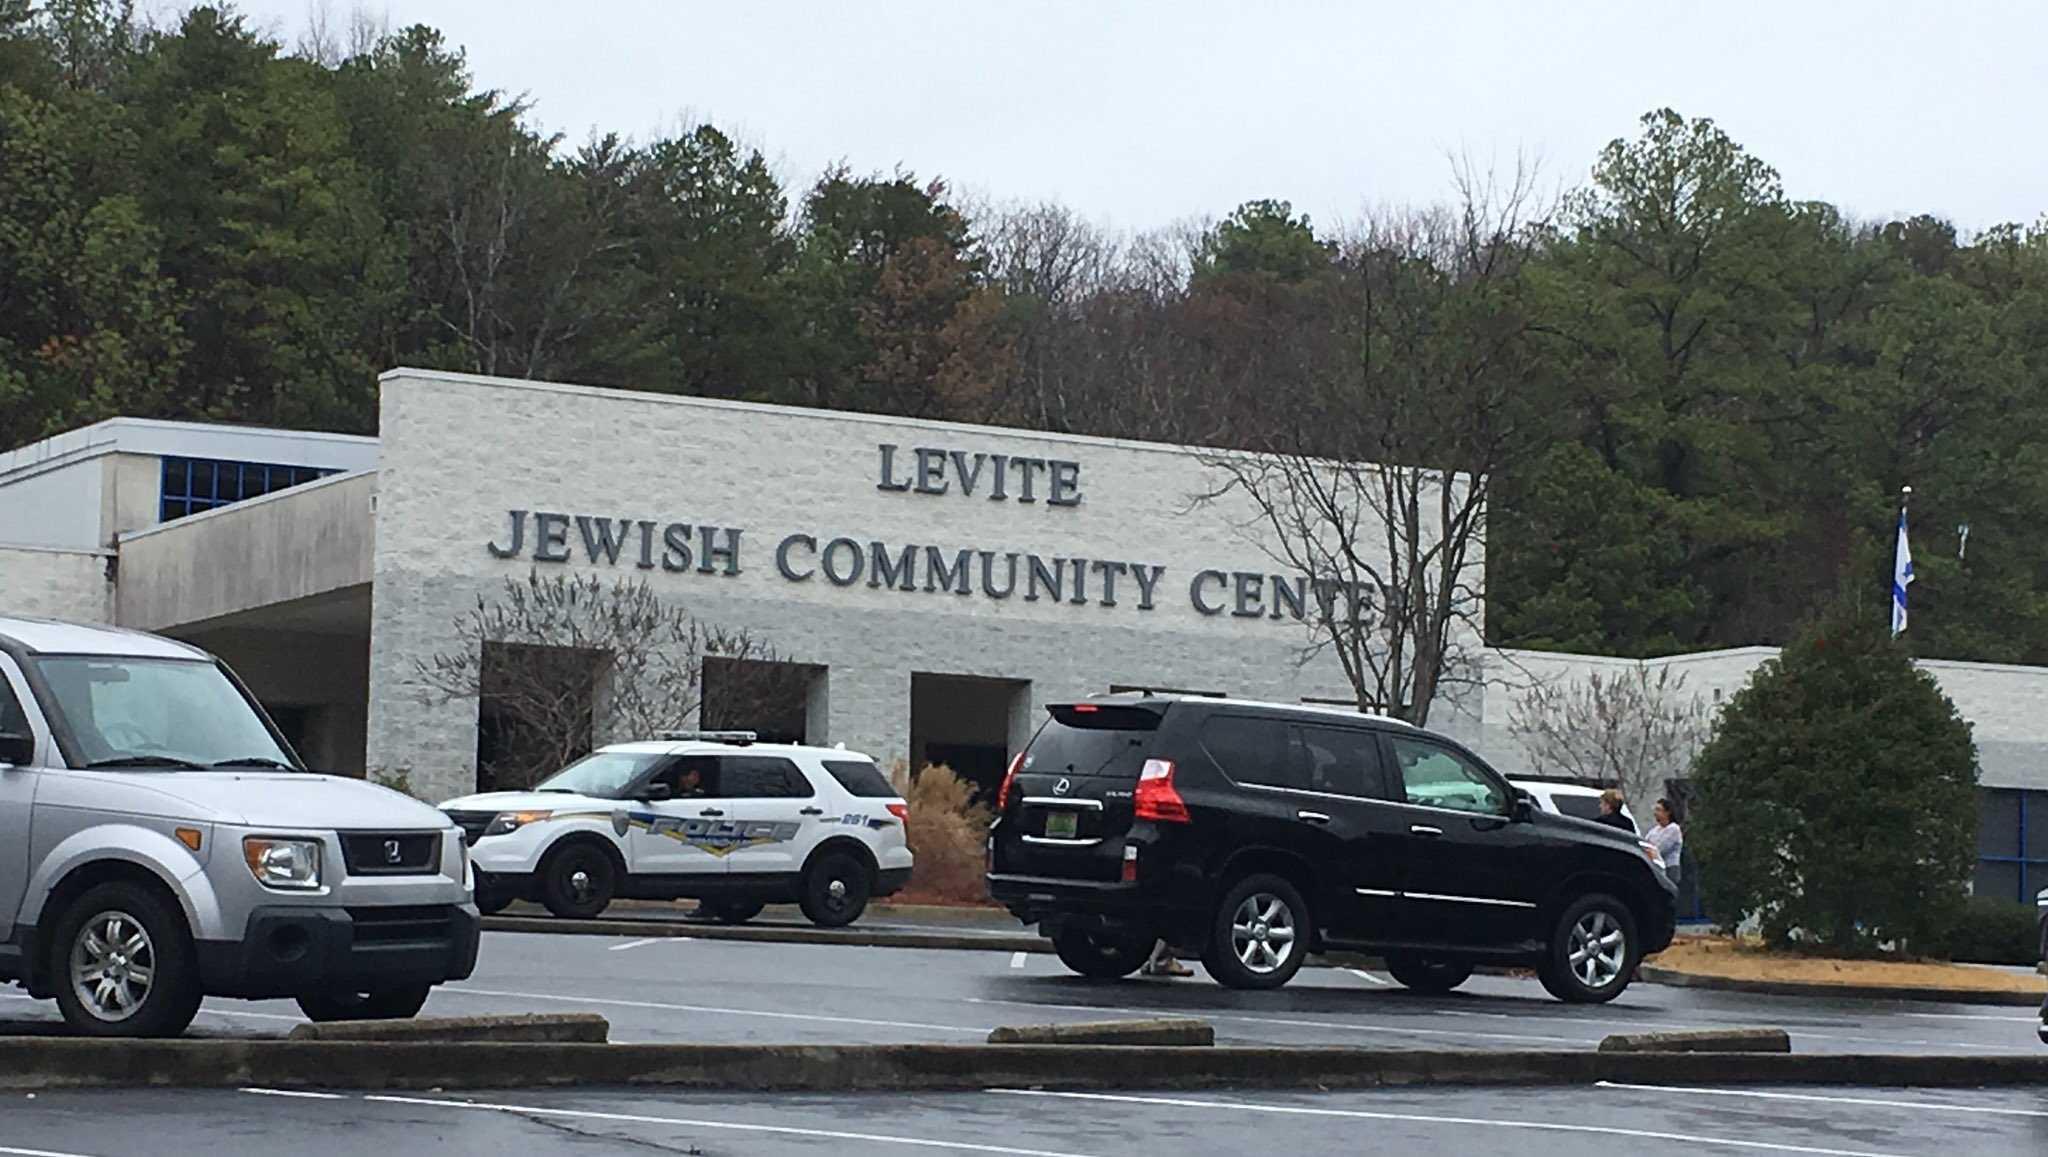 Bomb threat at Levite JCC in Birmingham